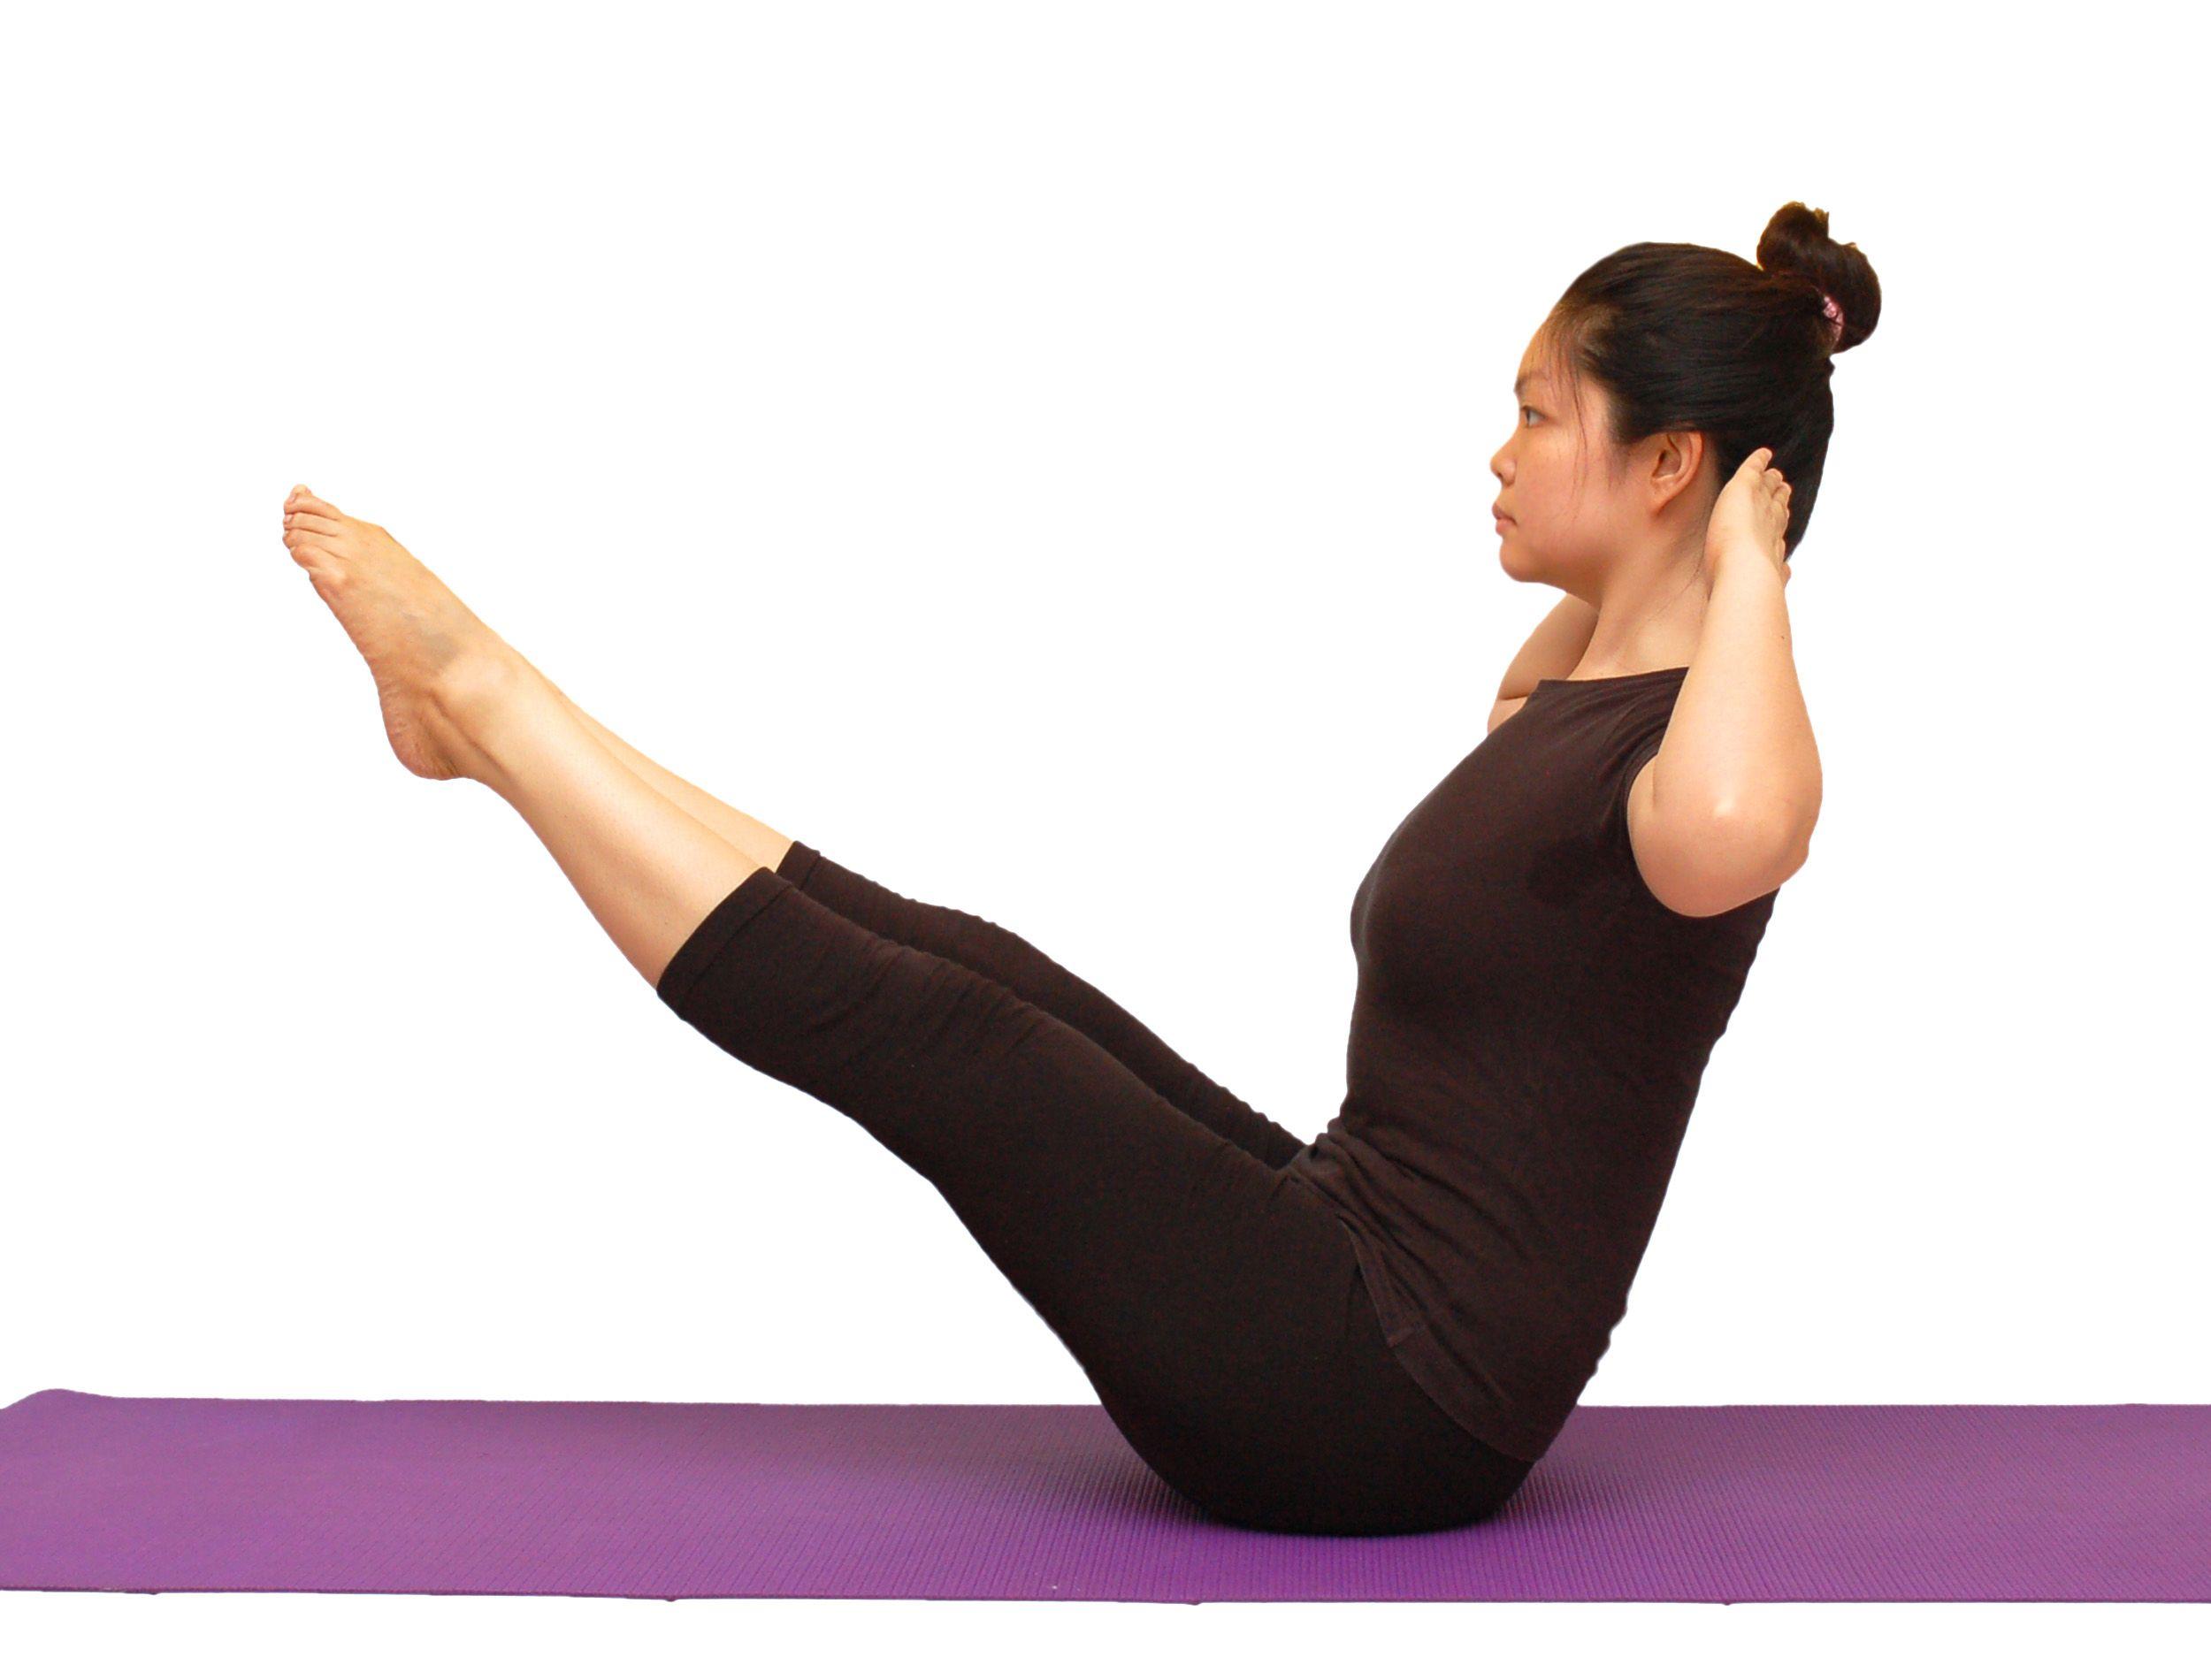 Занятия Йогой Похудение. Польза йоги для похудения для начинающих в домашних условиях, программа занятий для красивой фигуры